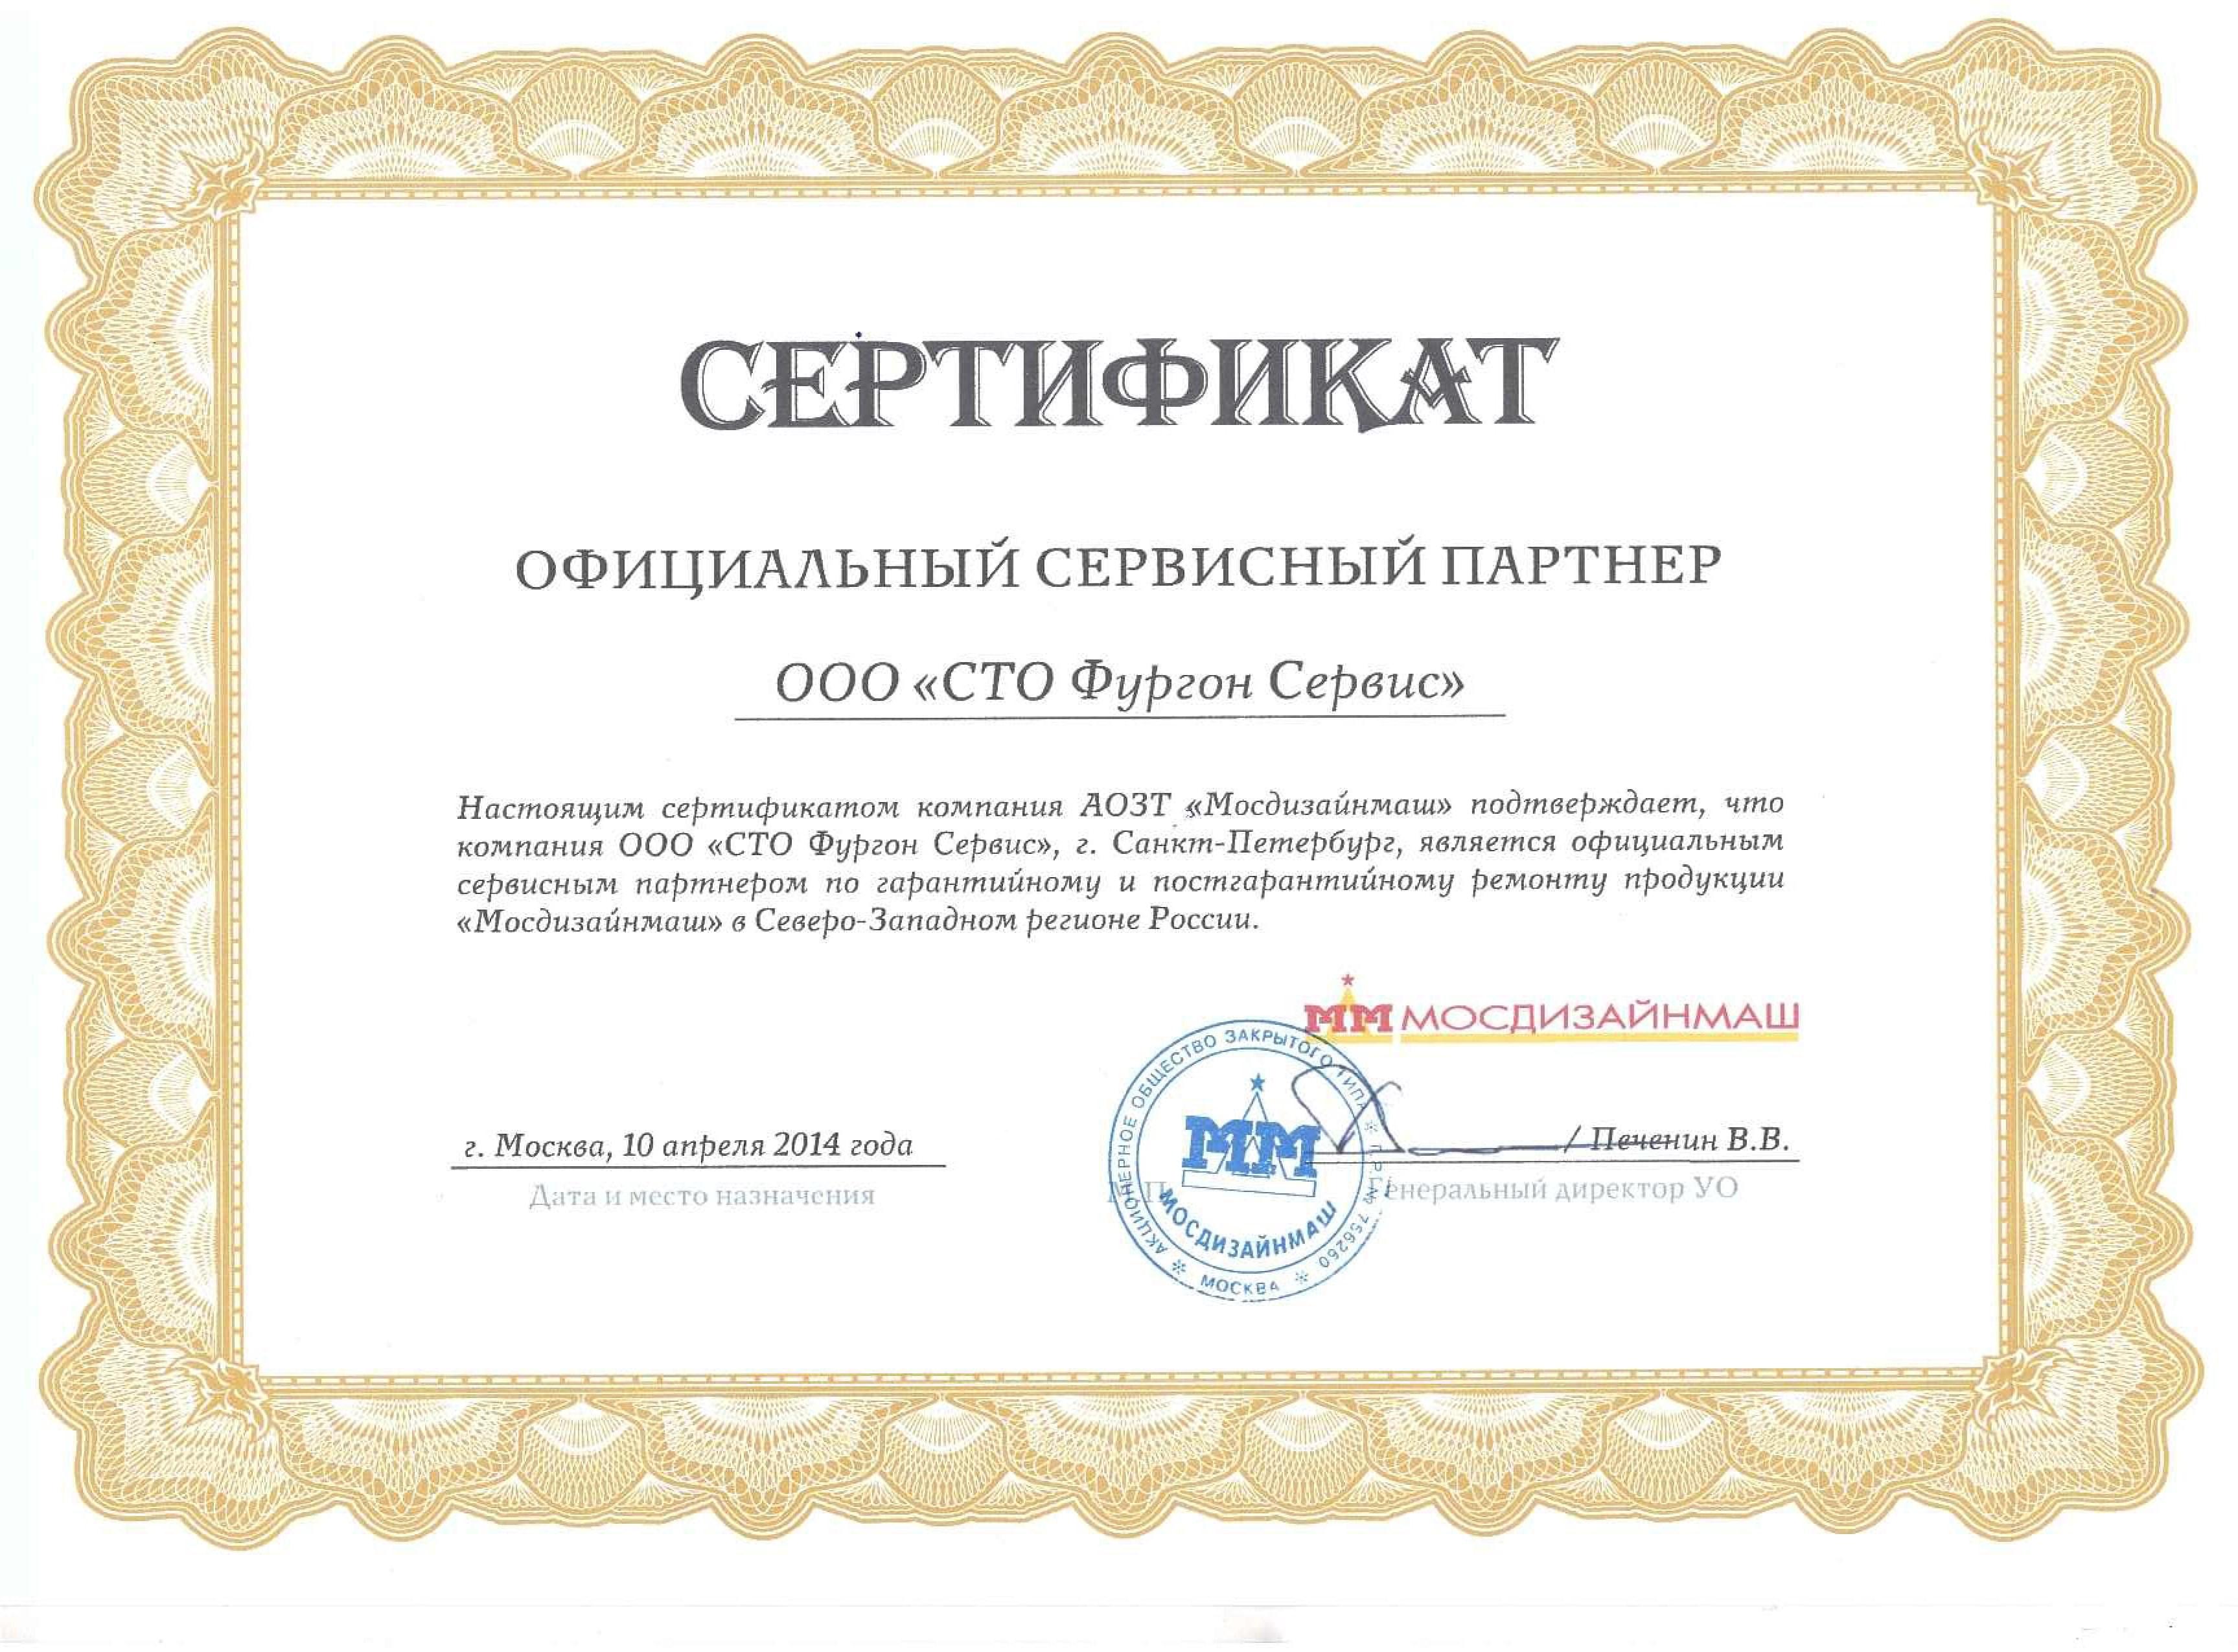 oficialnie_partneri_obslyjivanie_i_remont_furgonov_mosdisignmash